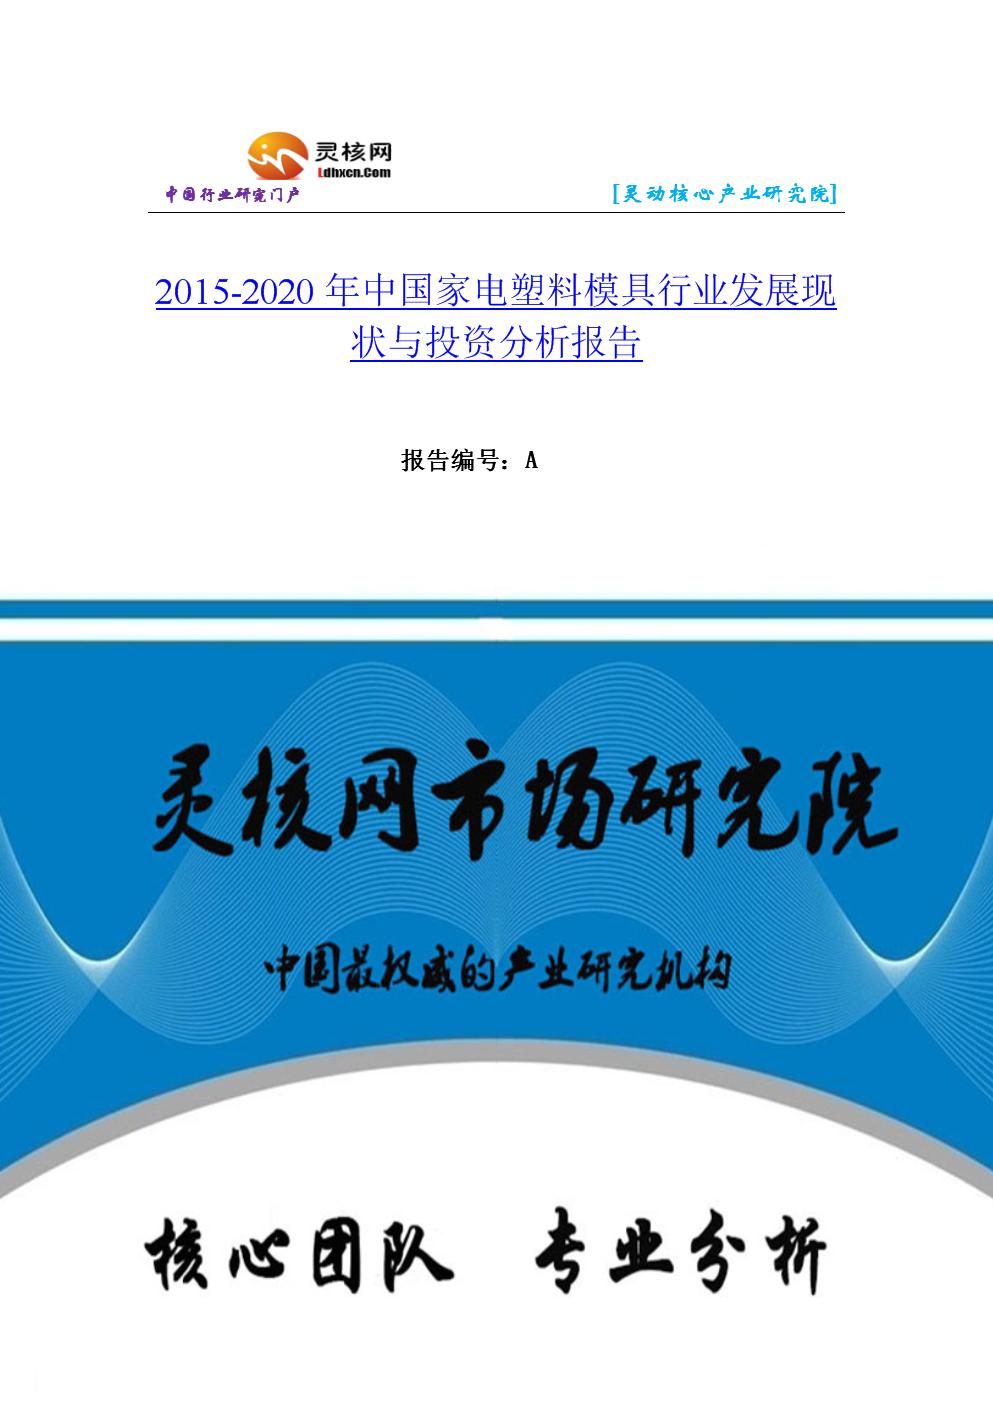 中国家电塑料模具行业发展现状与投资分析报告喷绘广告设计制作教程图片